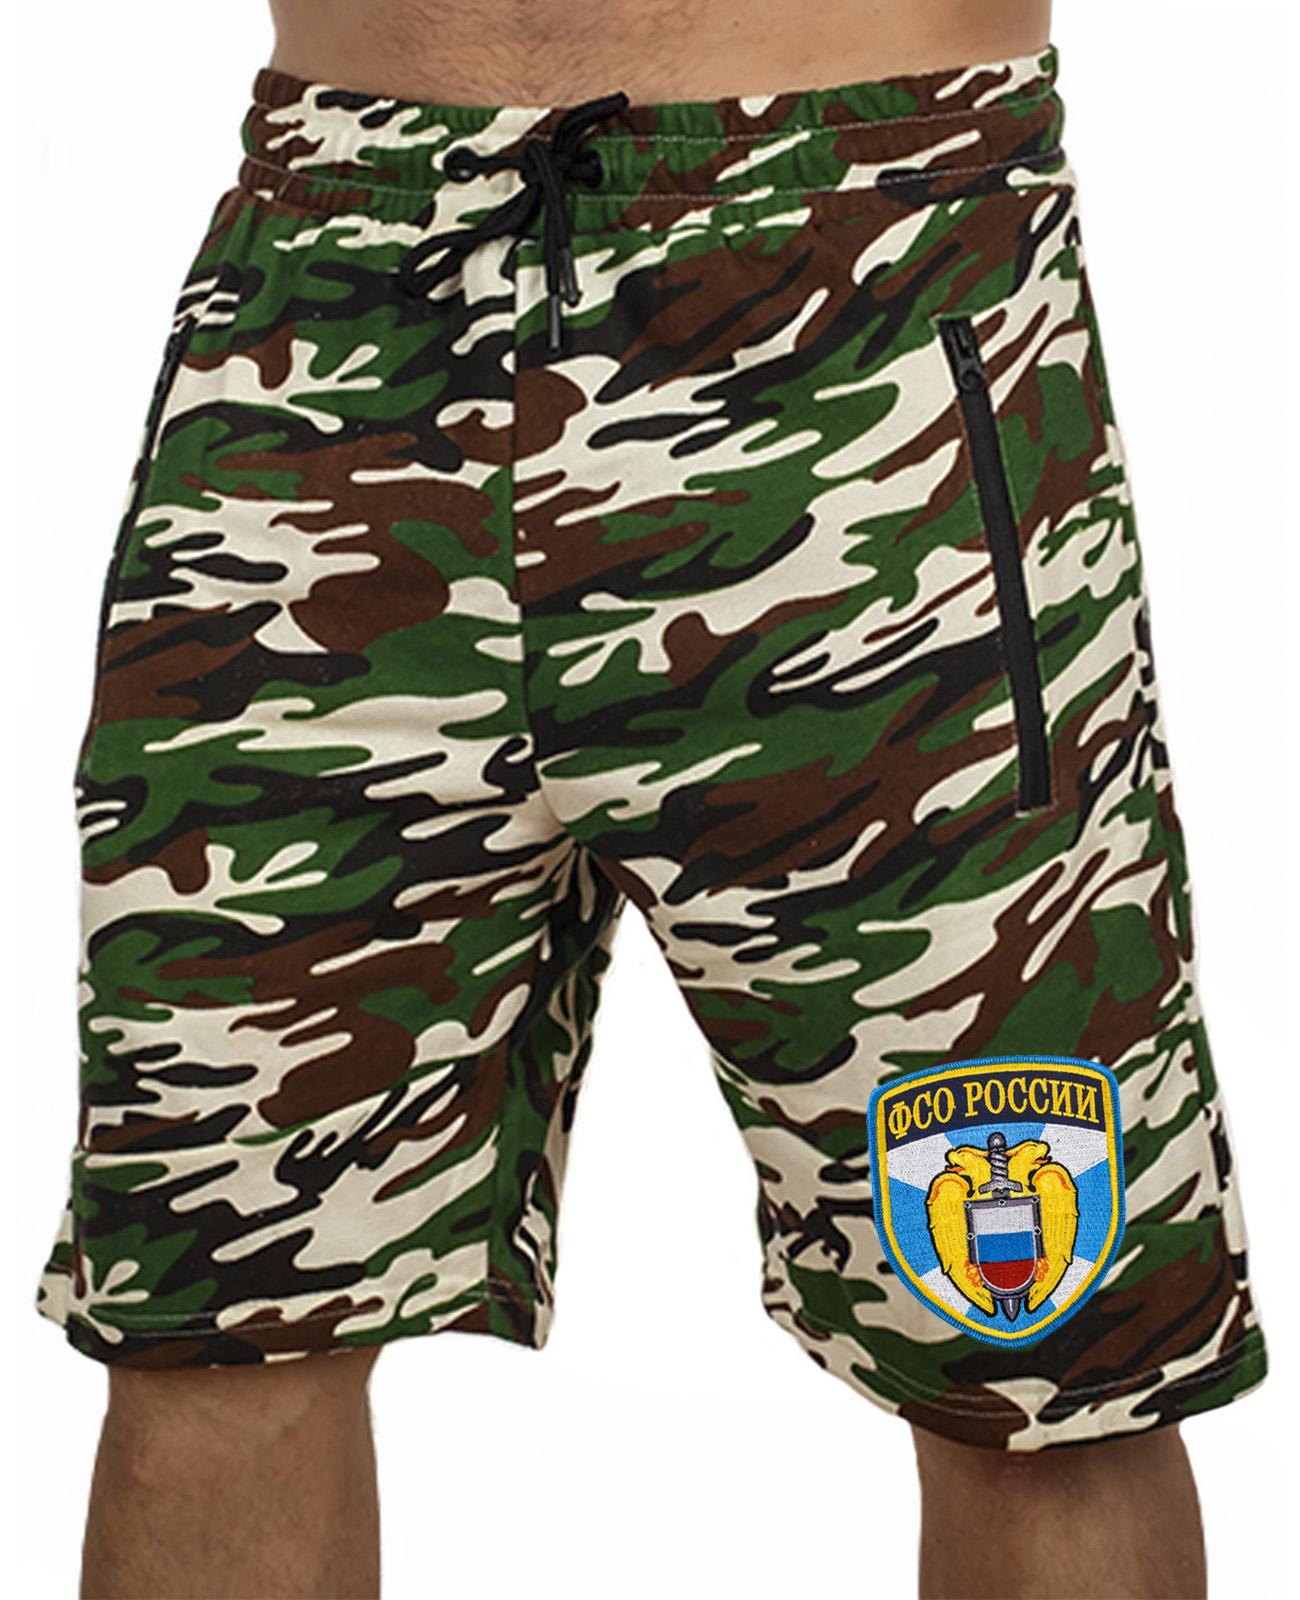 Купить удобные зачетные шорты с нашивкой ФСО в подарок мужчине